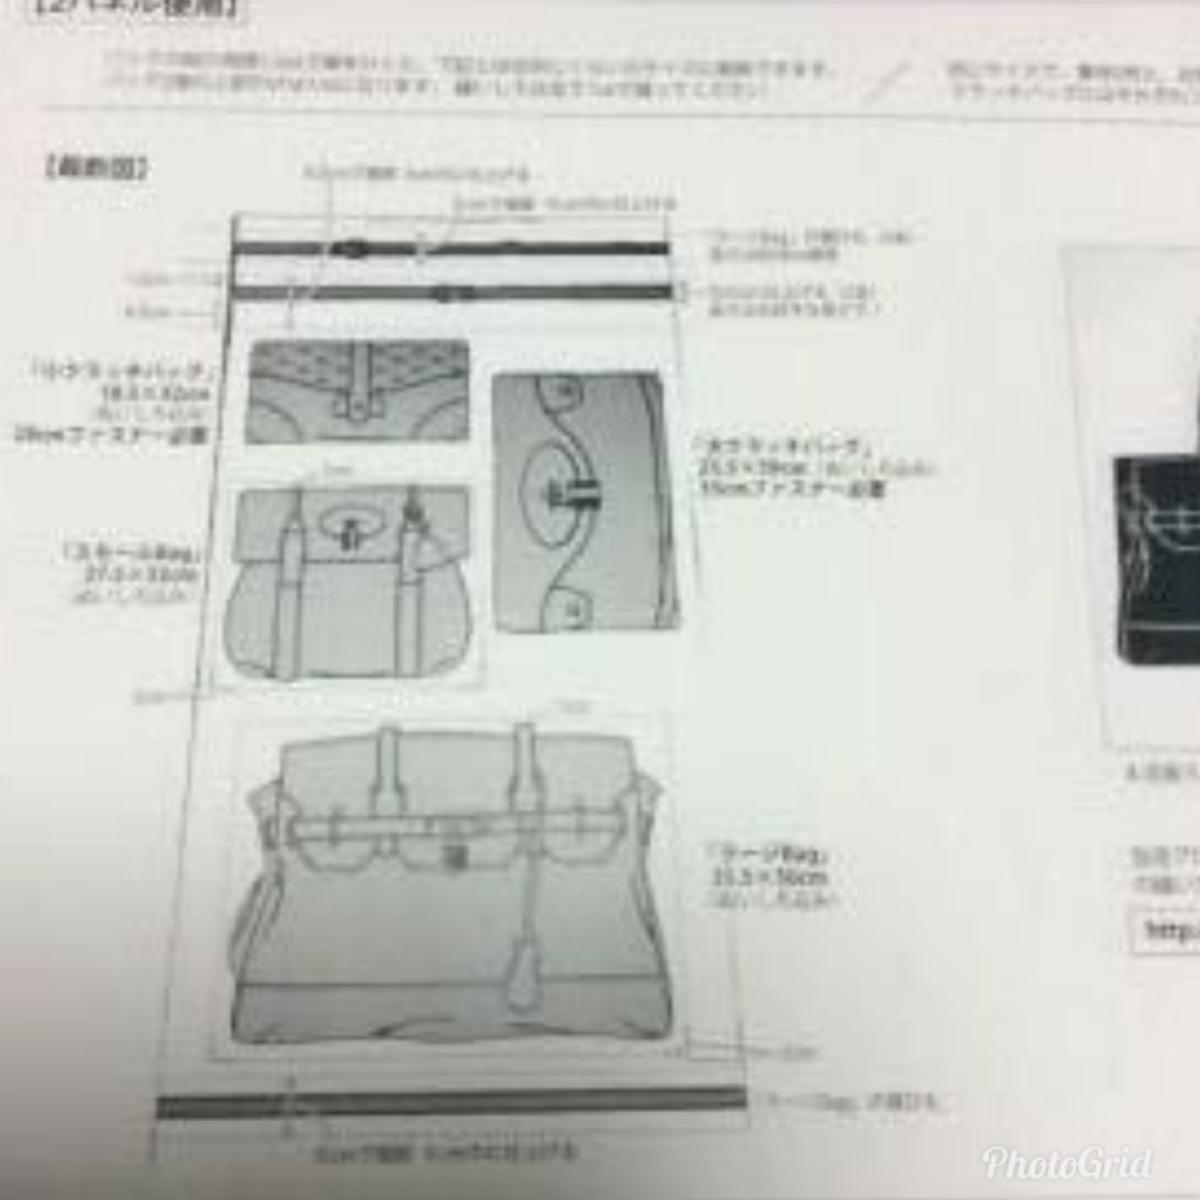 だまし絵 バーキン風バッグやポーチが四つ作れます 作り方付き 数量2がおすすめ カス入り オックス生地 生成り_画像3